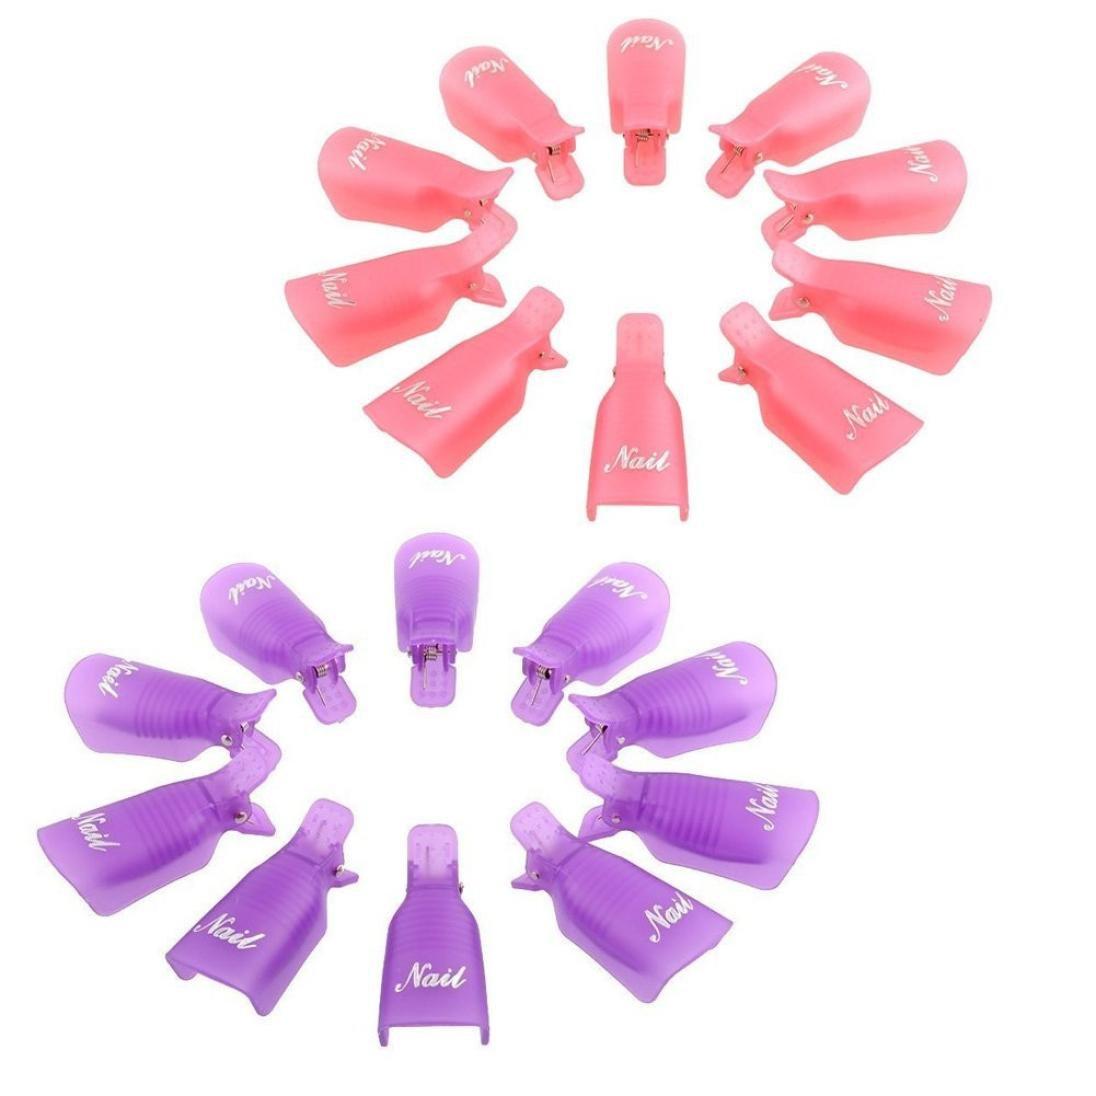 Conjuntos De Resurrección, Oyedens 20pc Plástico Del Arte Del Clavo Empapa Del Cap Clip Herramienta Wrap Polaco Ultravioleta Del Gel Removedor, 5X2cm